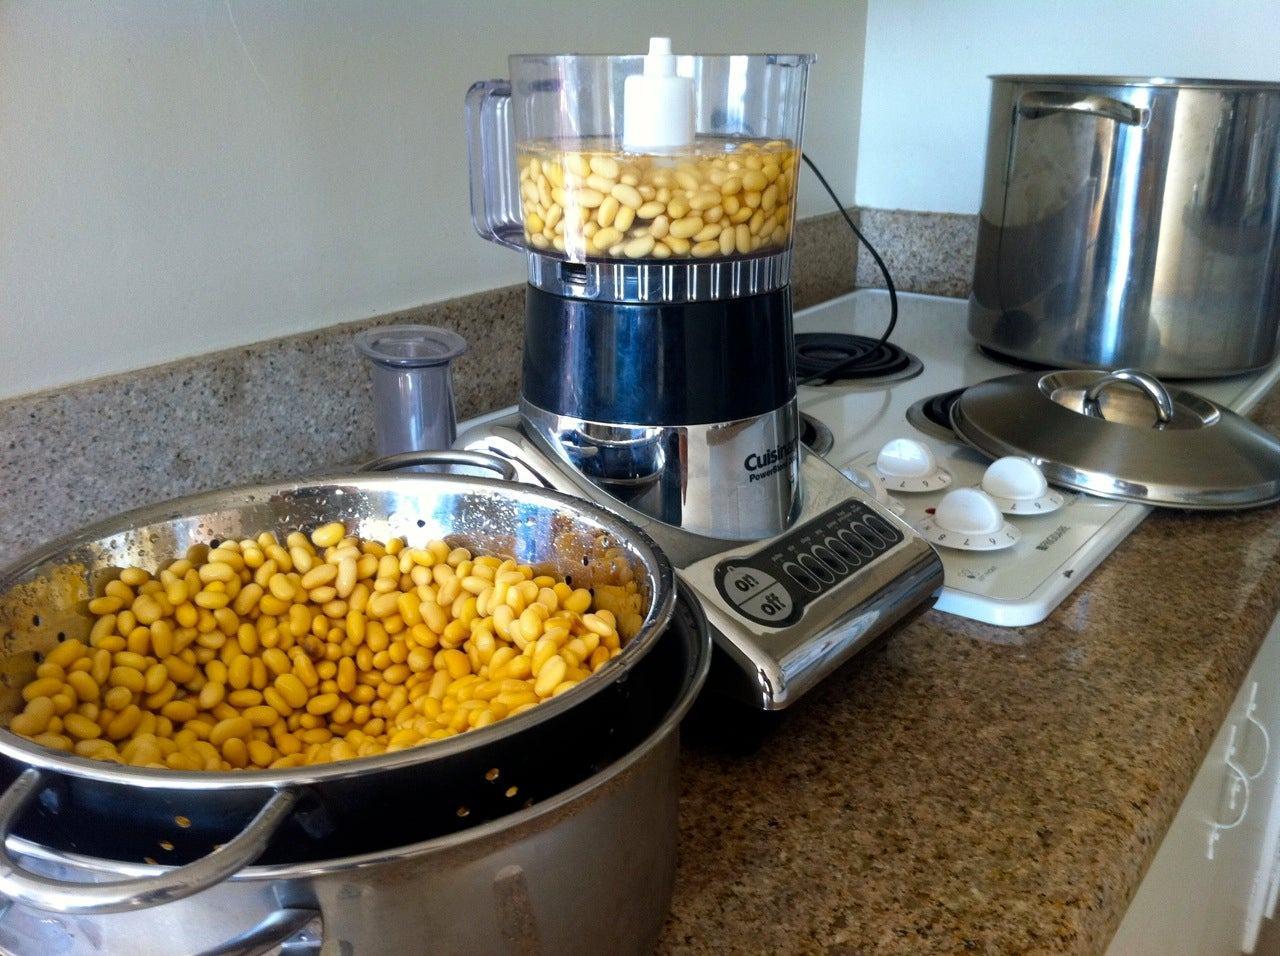 Cho đậu nành vào máy xay và để nước ngập mặt đậu